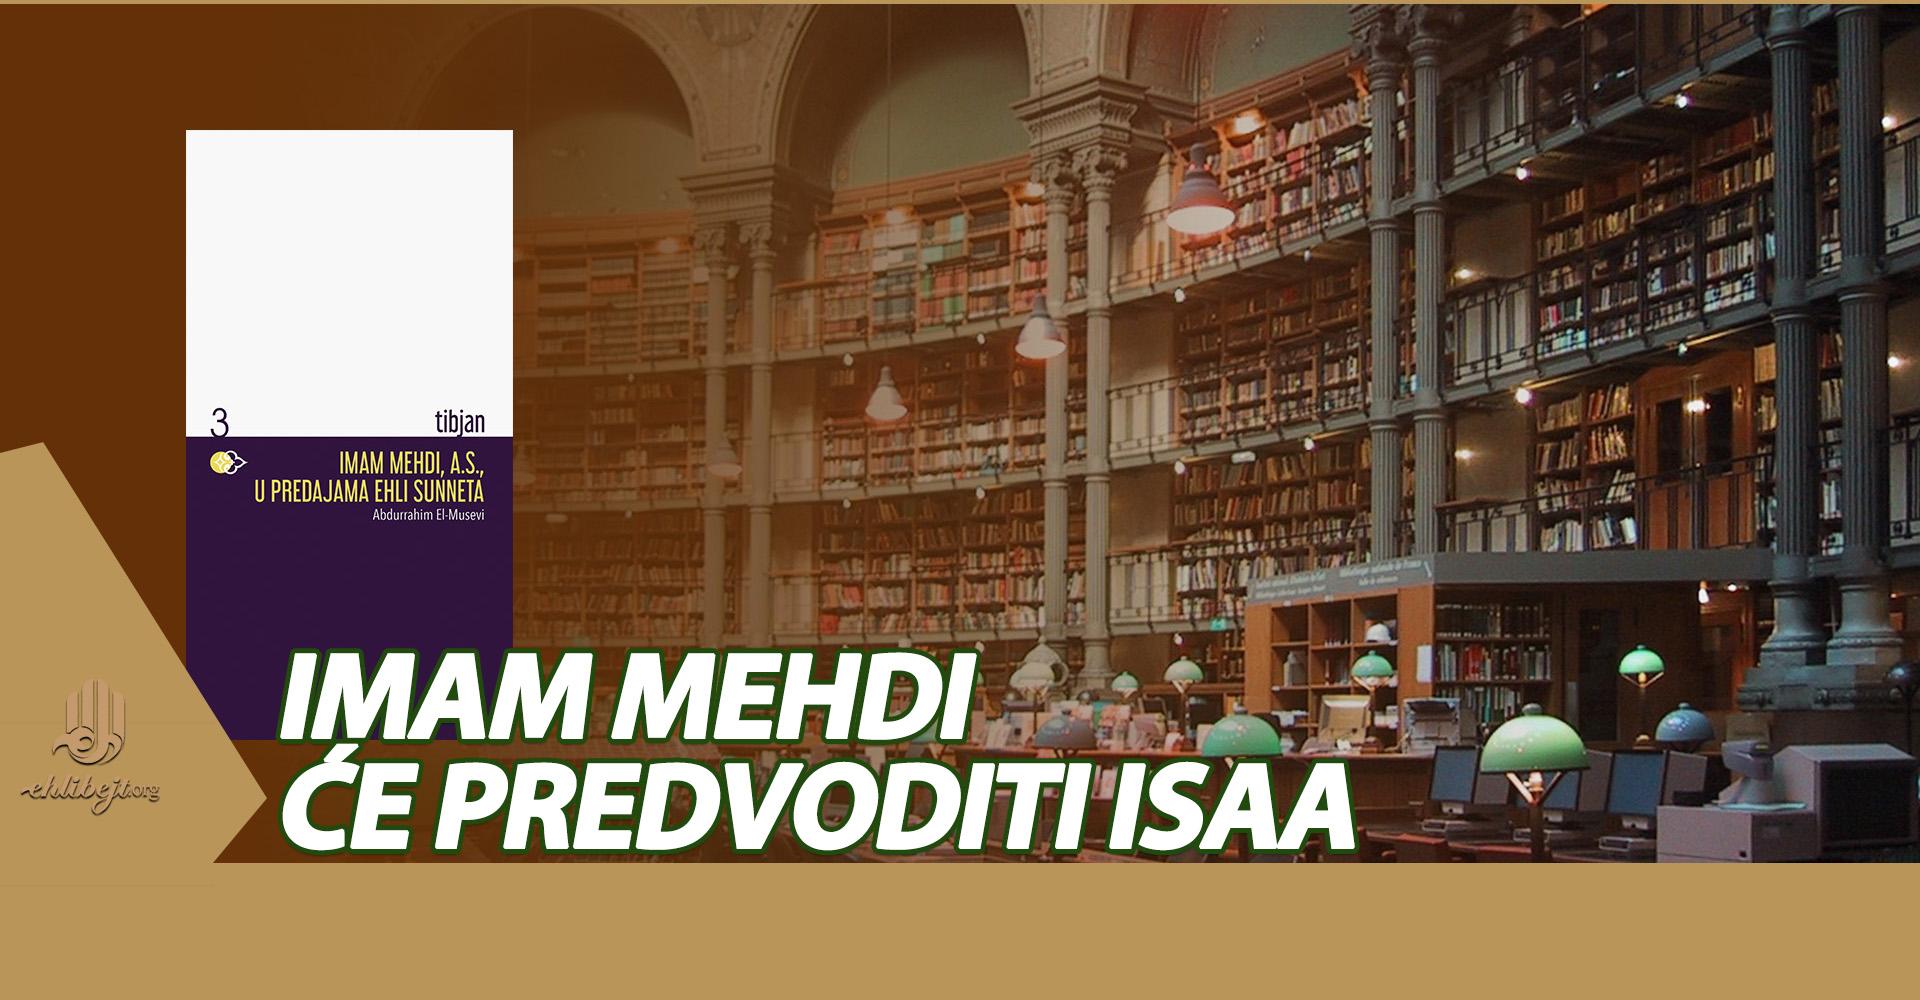 Imam Mehdi, a.s., u predajama ehli sunneta (VIII)